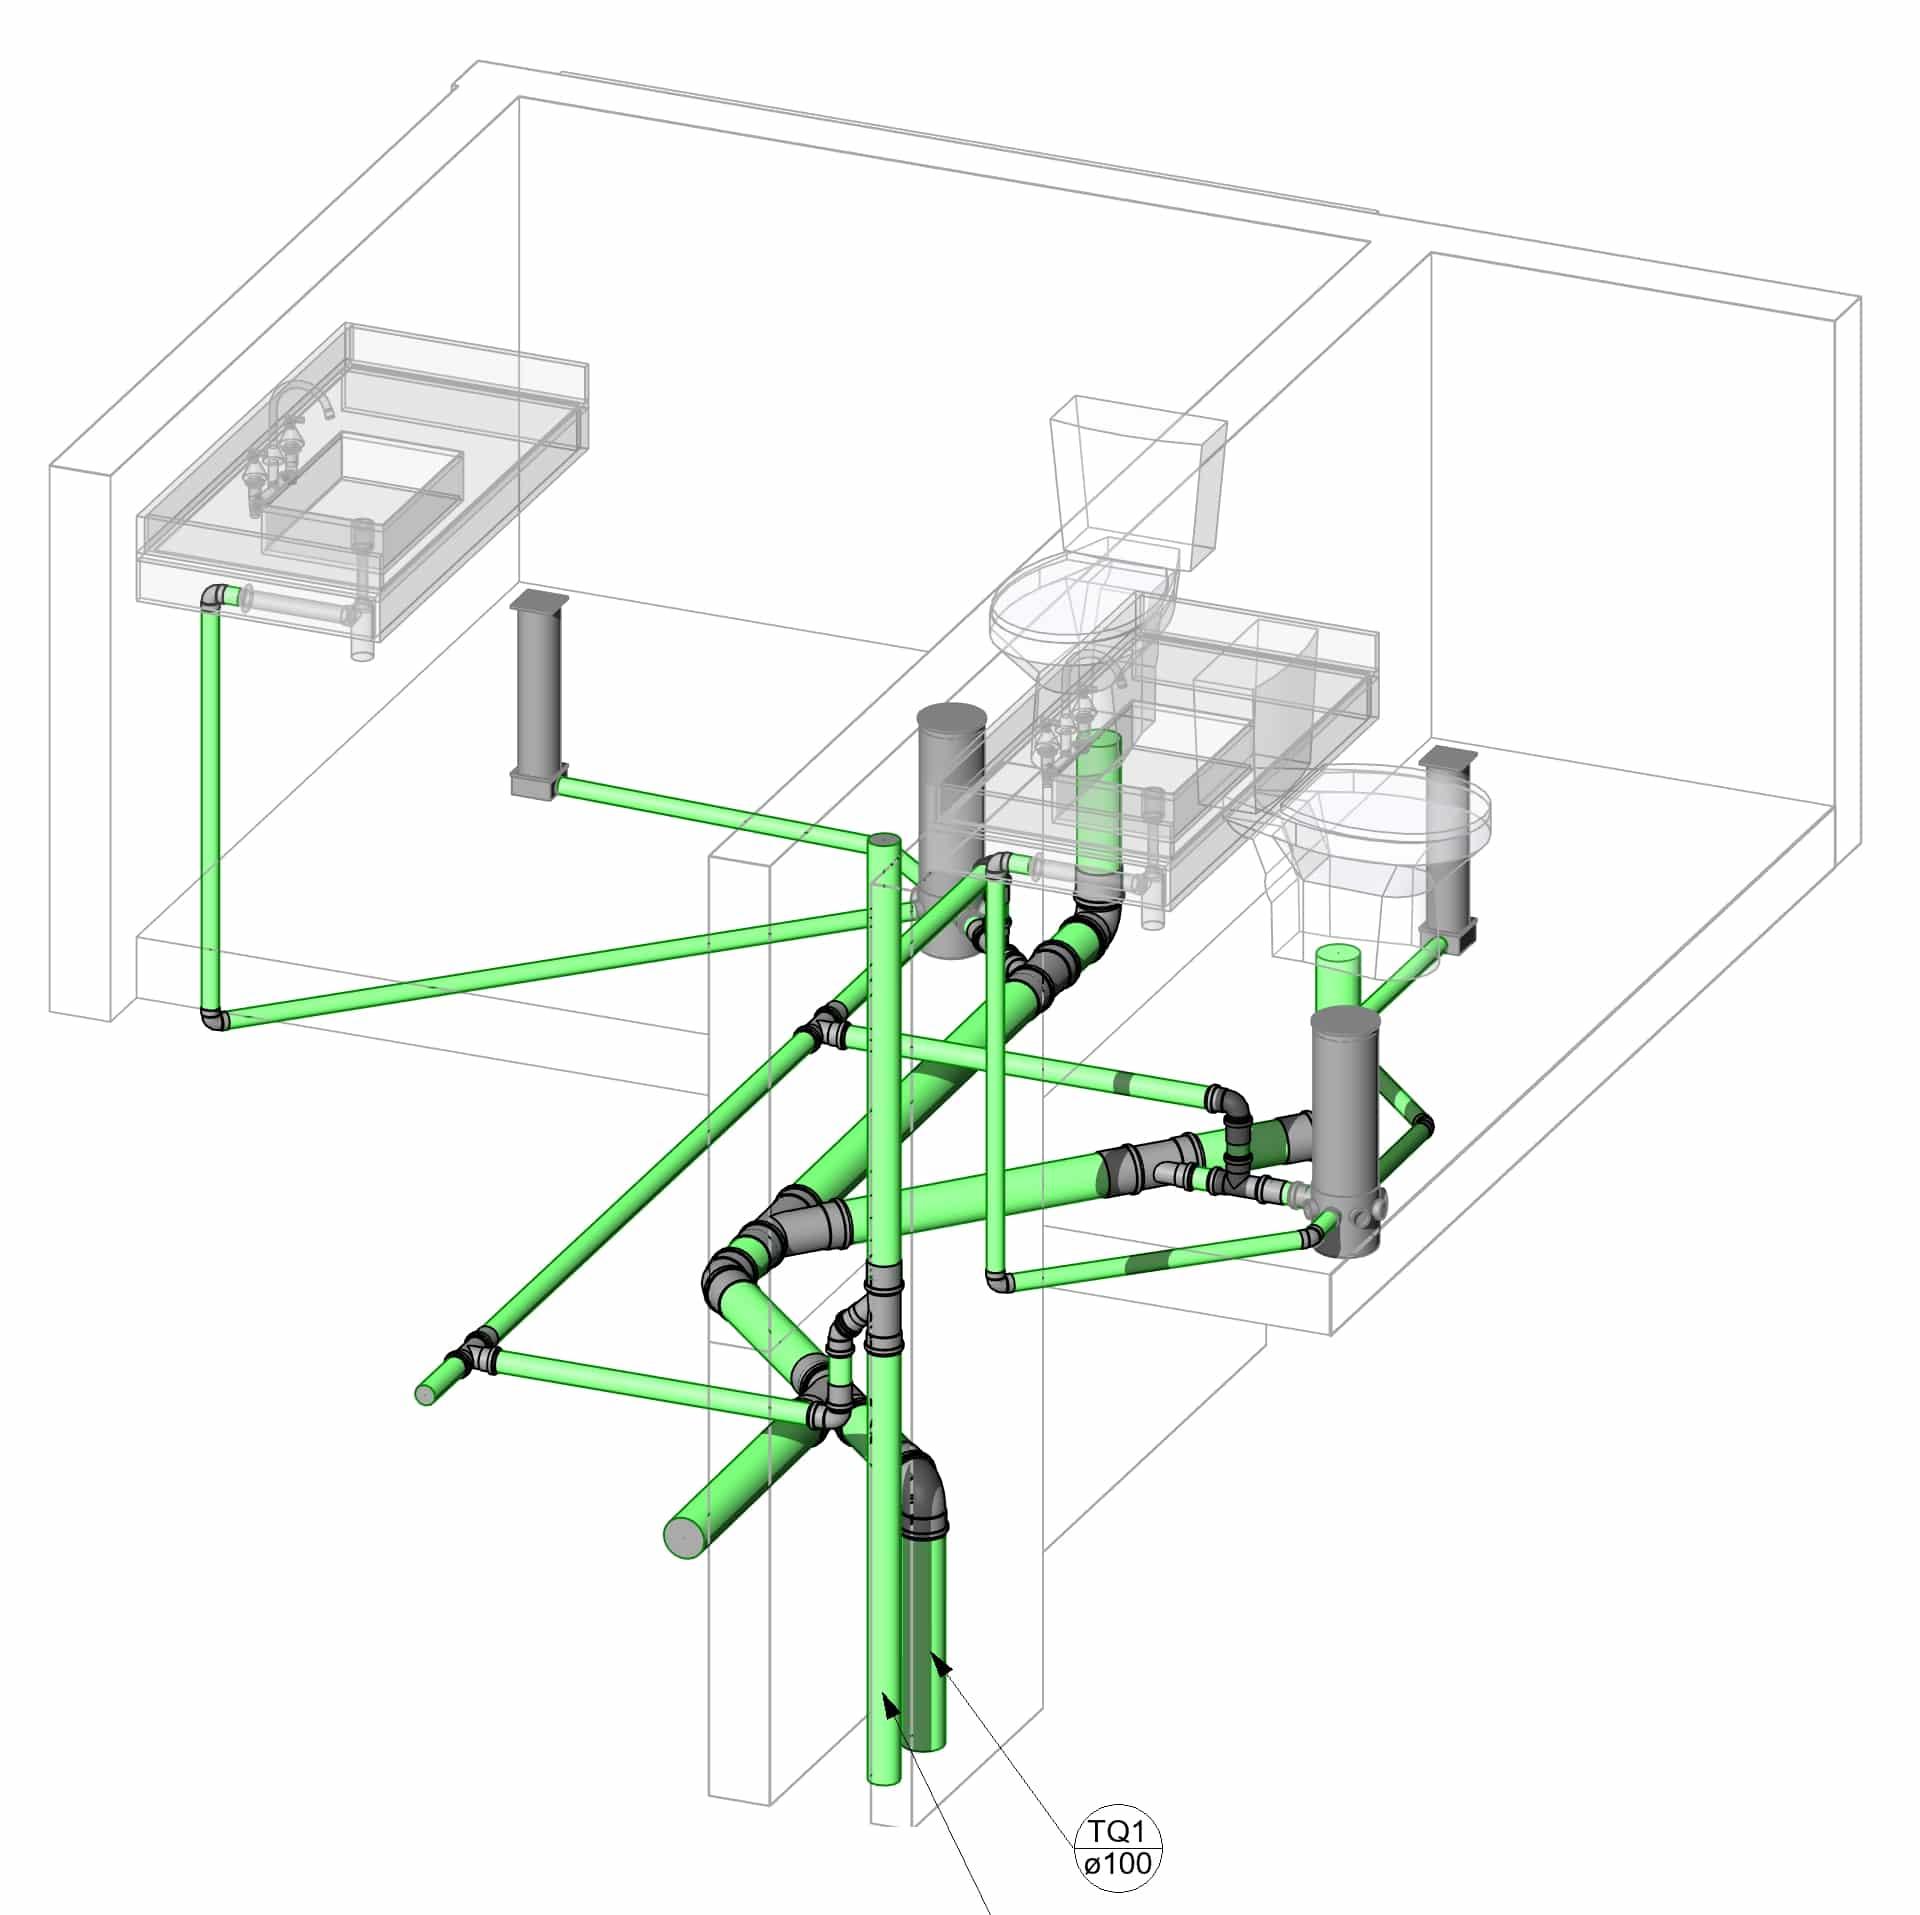 isometria instalações hidrossanitárias revit 2020